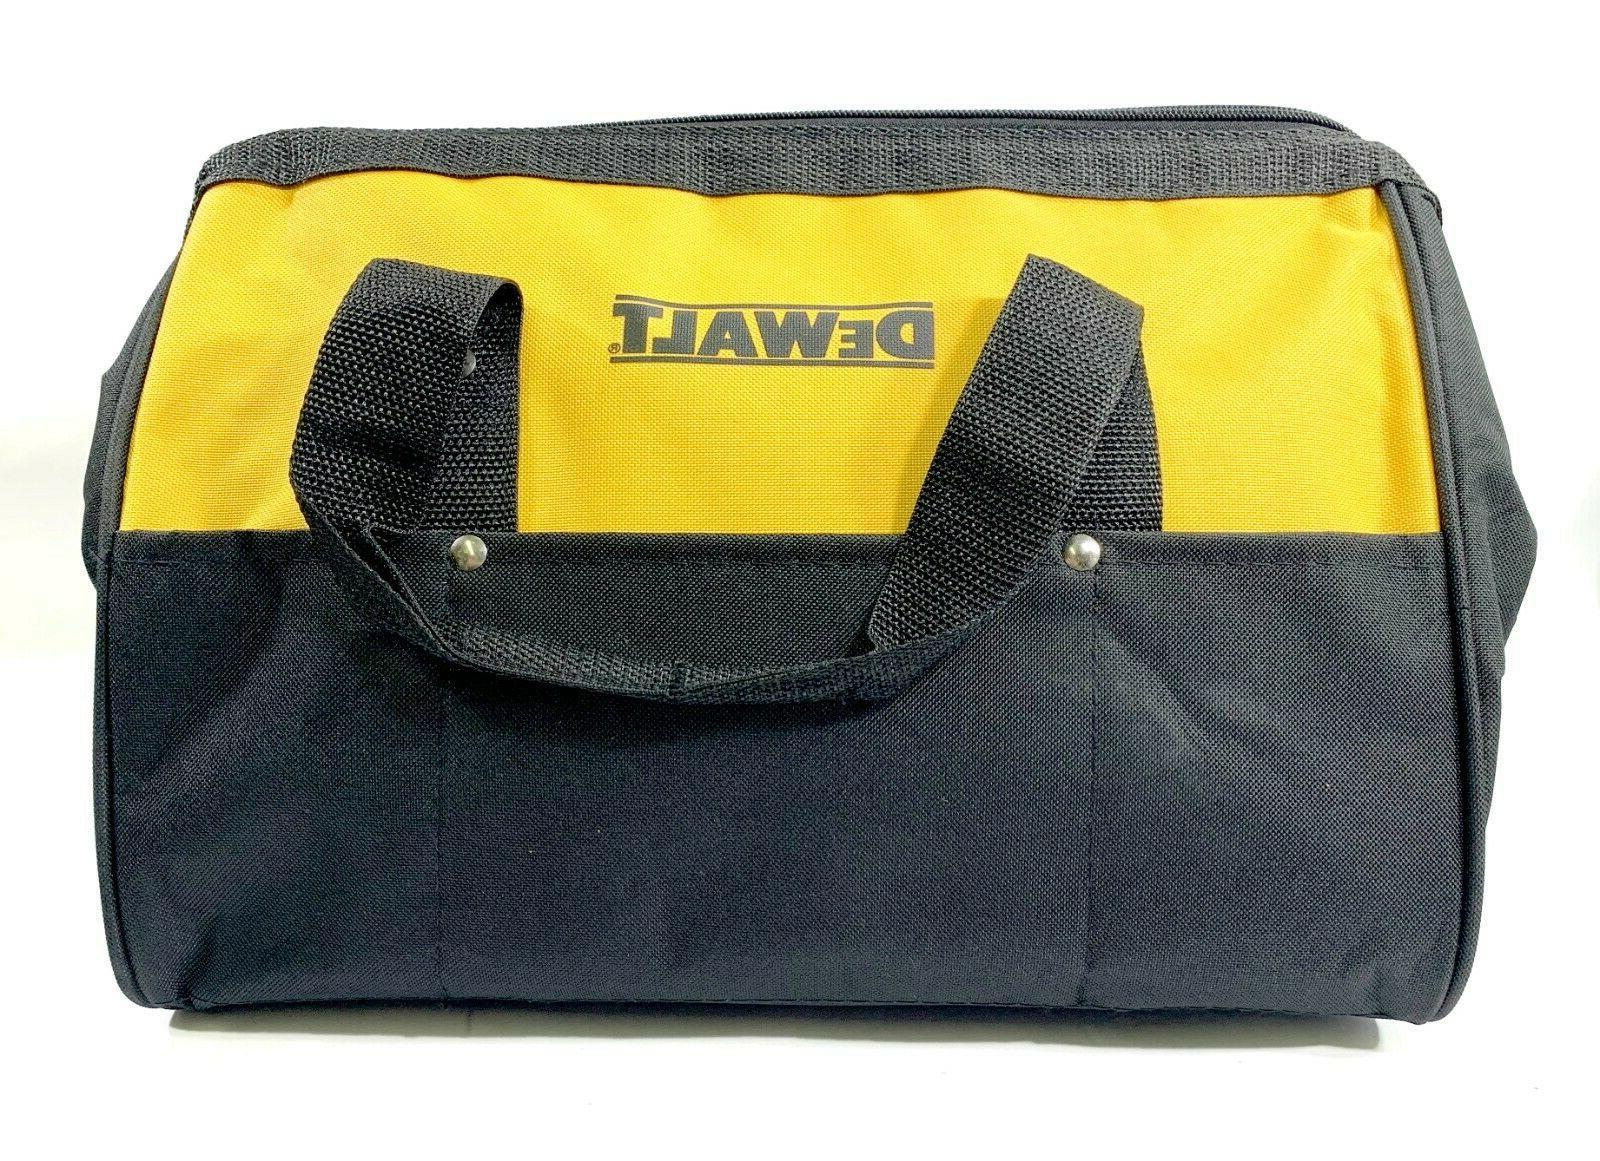 Dewalt Duty Ballistic Nylon Tool Bag x w/